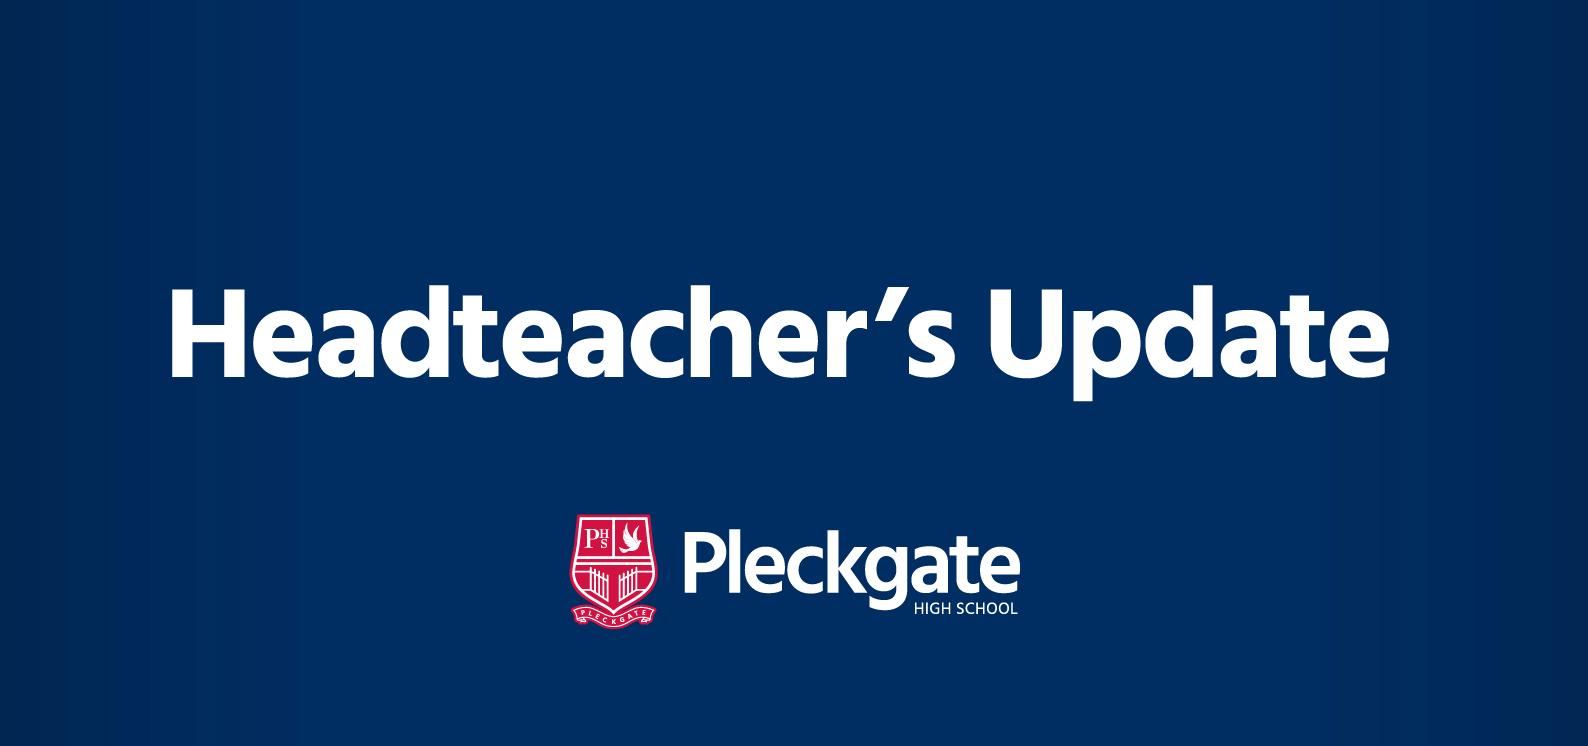 Headteacher's Update – April 2020